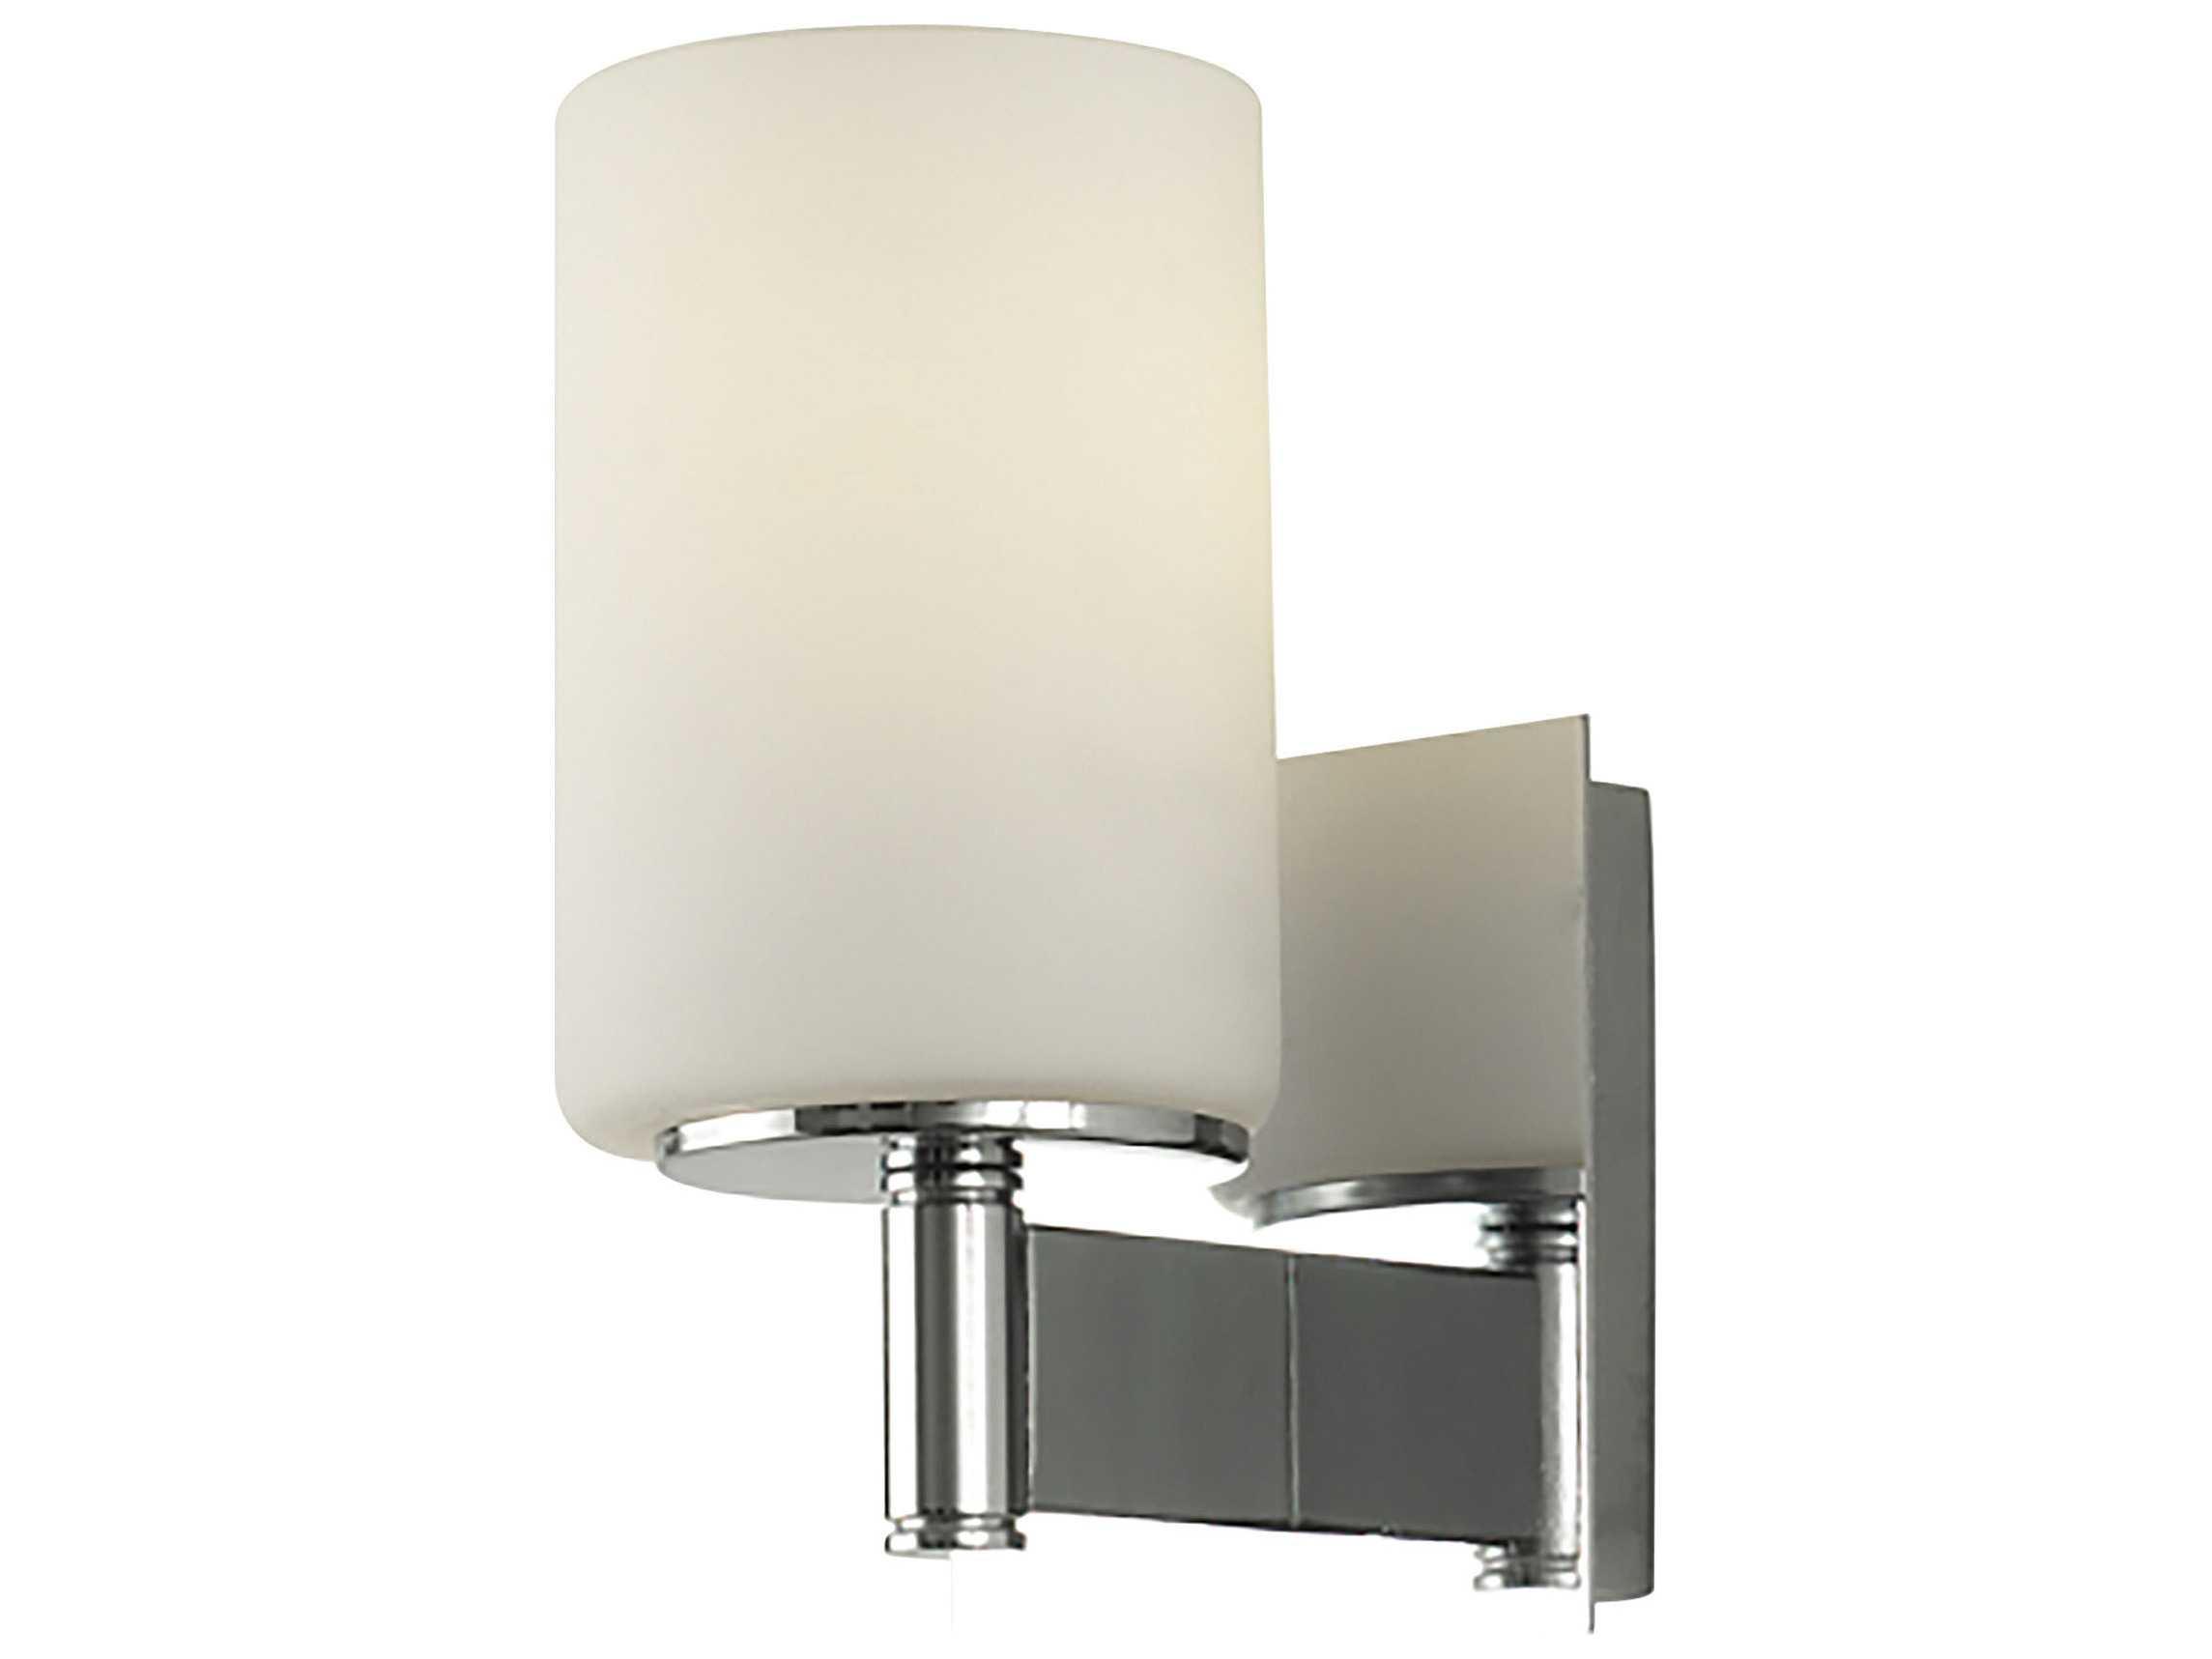 Vanity Light Glass : Alico Truss Chrome & White Opal Glass Vanity Light ALCBV70011015